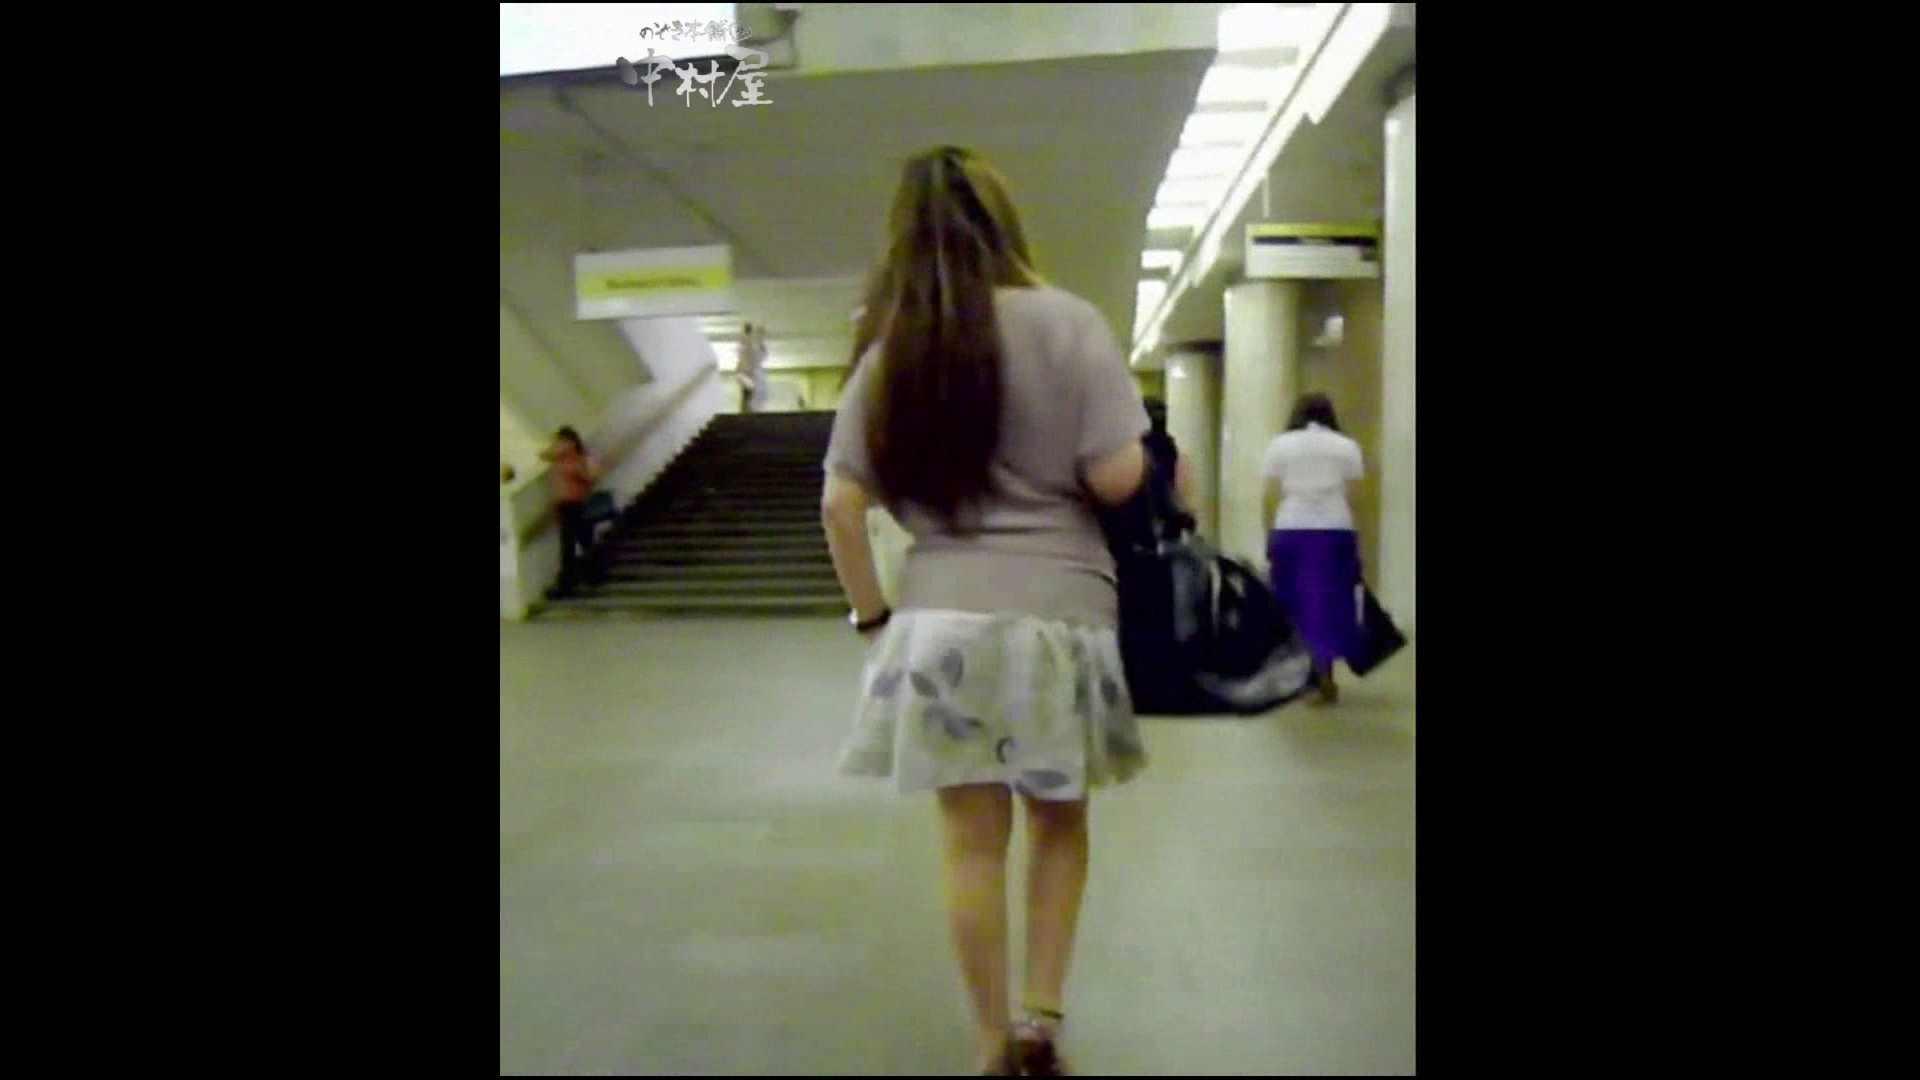 綺麗なモデルさんのスカート捲っちゃおう‼ vol28 お姉さんのエロ動画  111PIX 104